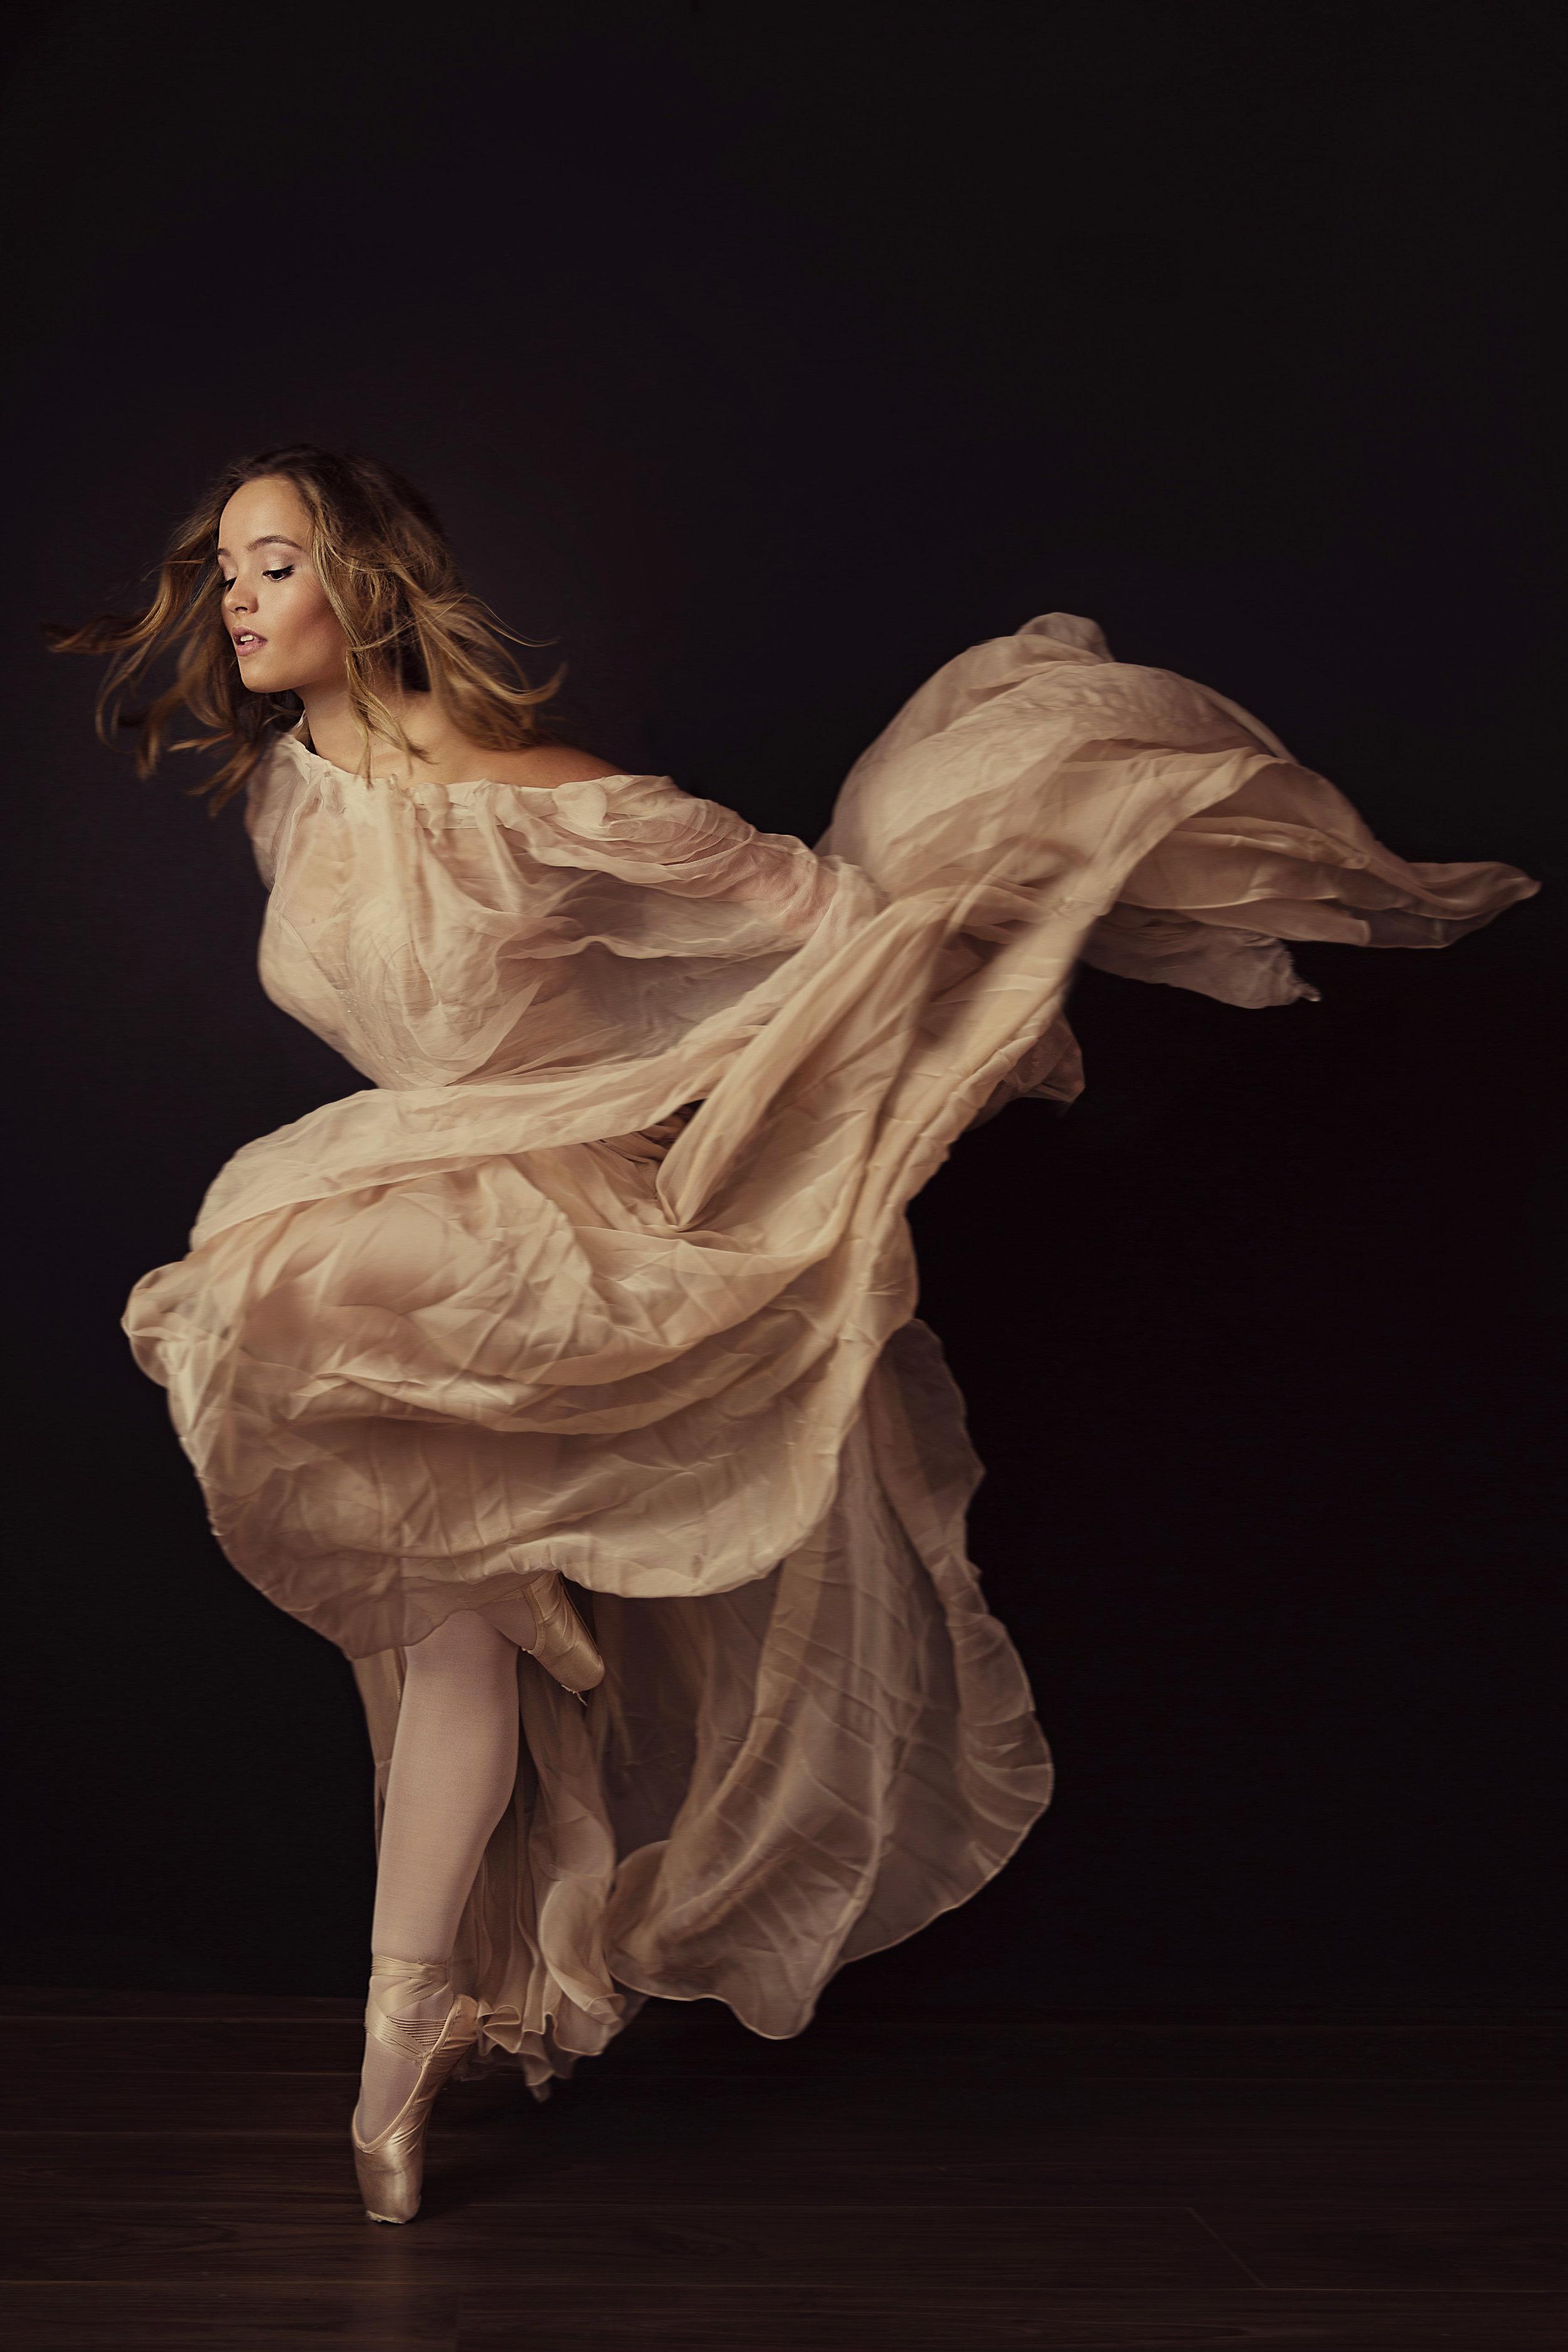 prom_photoshoot_ballerina_windsor_lenkajones.jpg